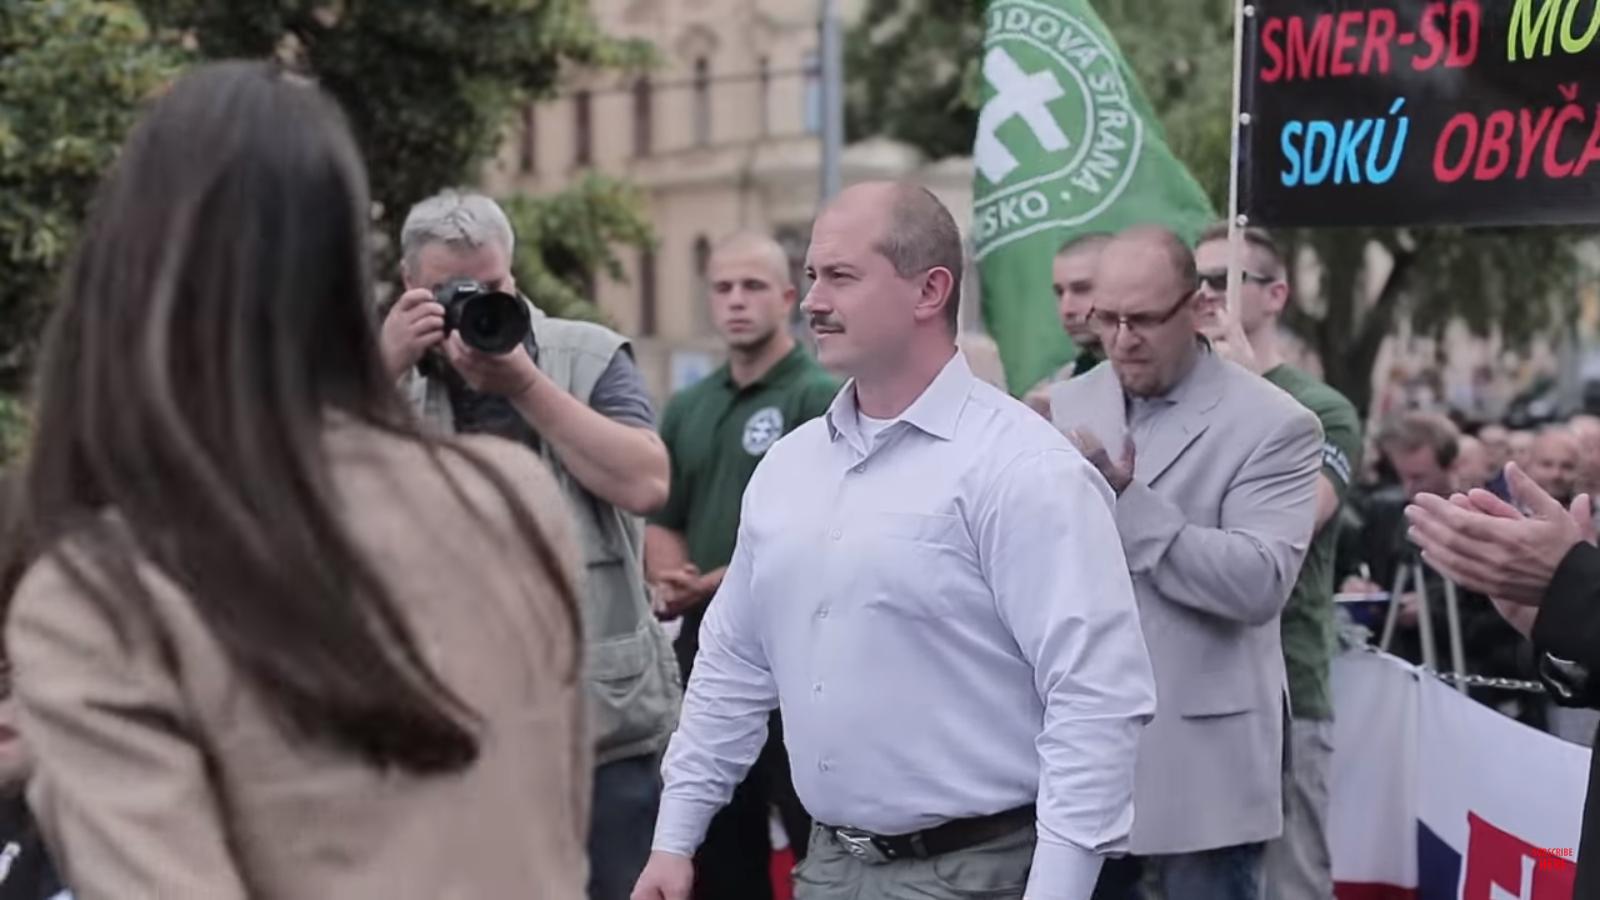 Neonácik szerezhetik meg a második legtöbb helyet az új szlovák parlamentben